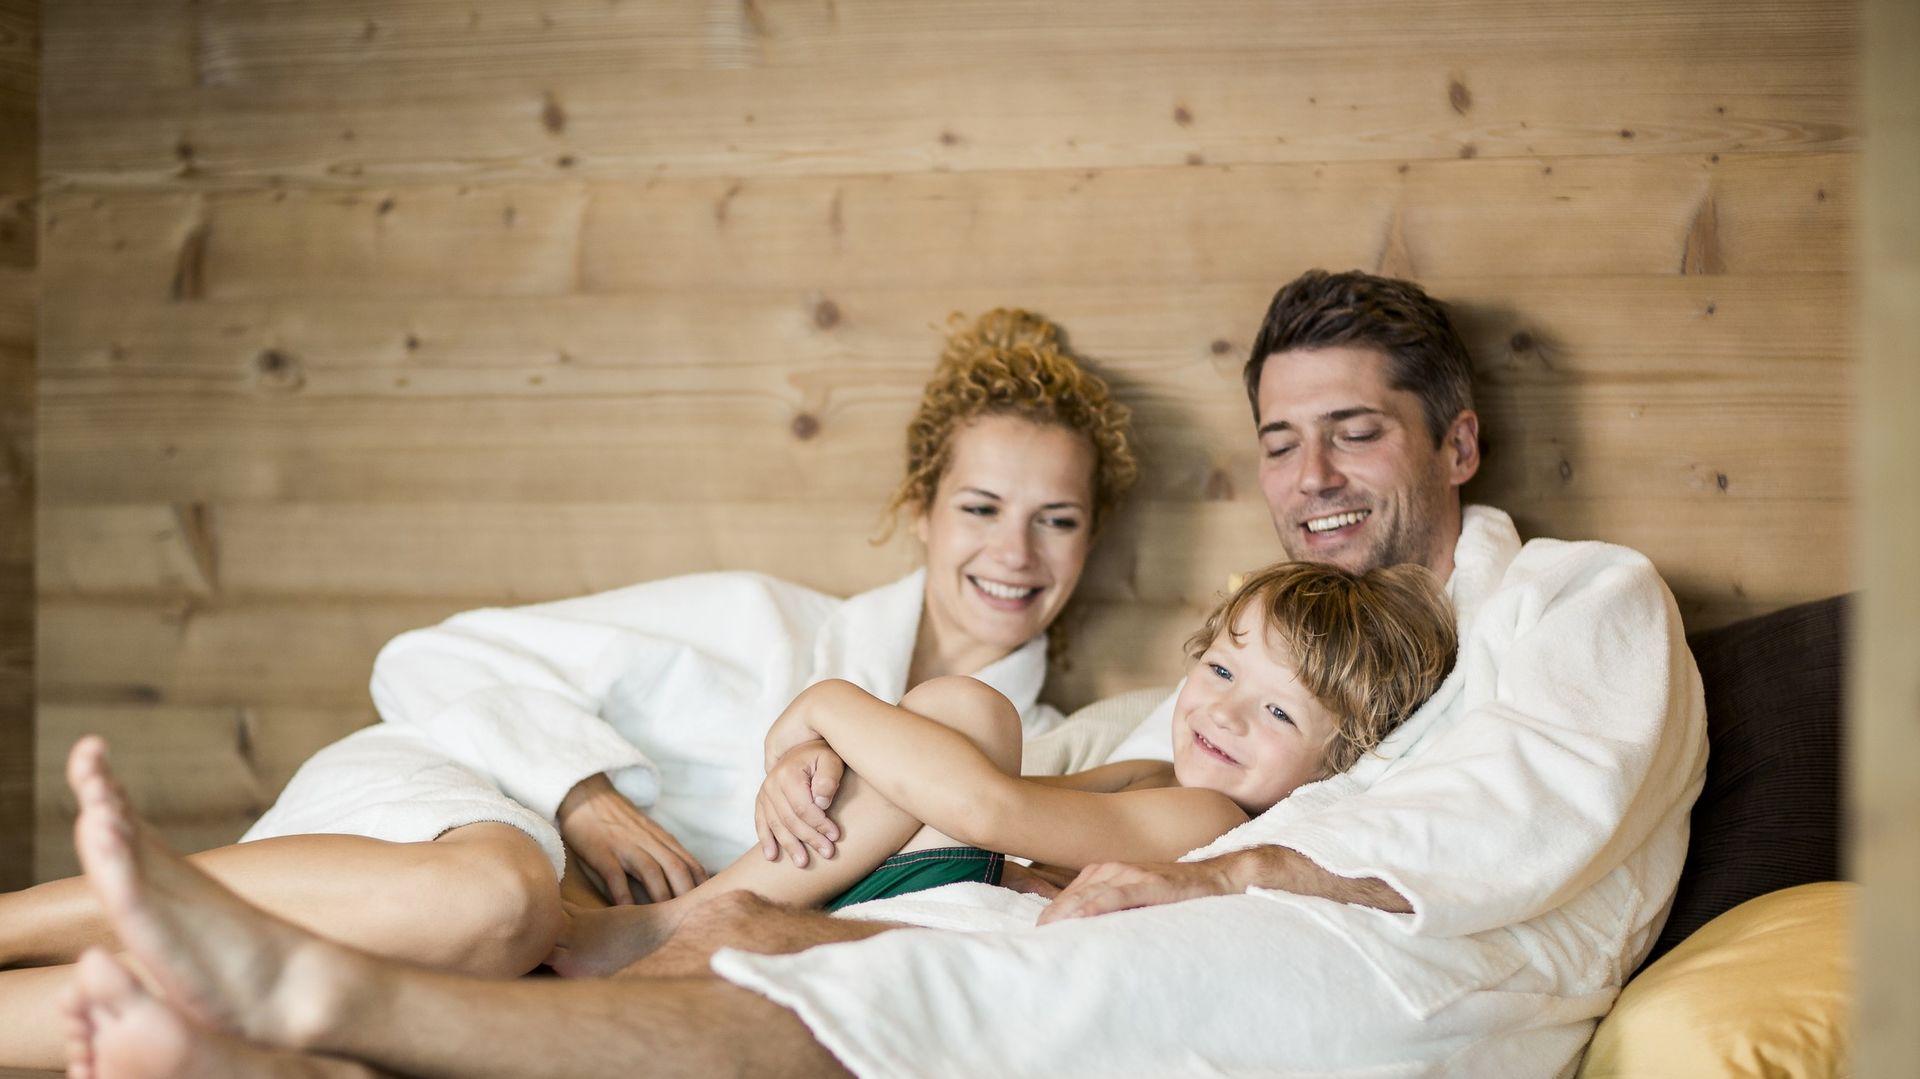 Bambini possono fare la sauna o il bagno turco - Bagno turco quante volte a settimana ...